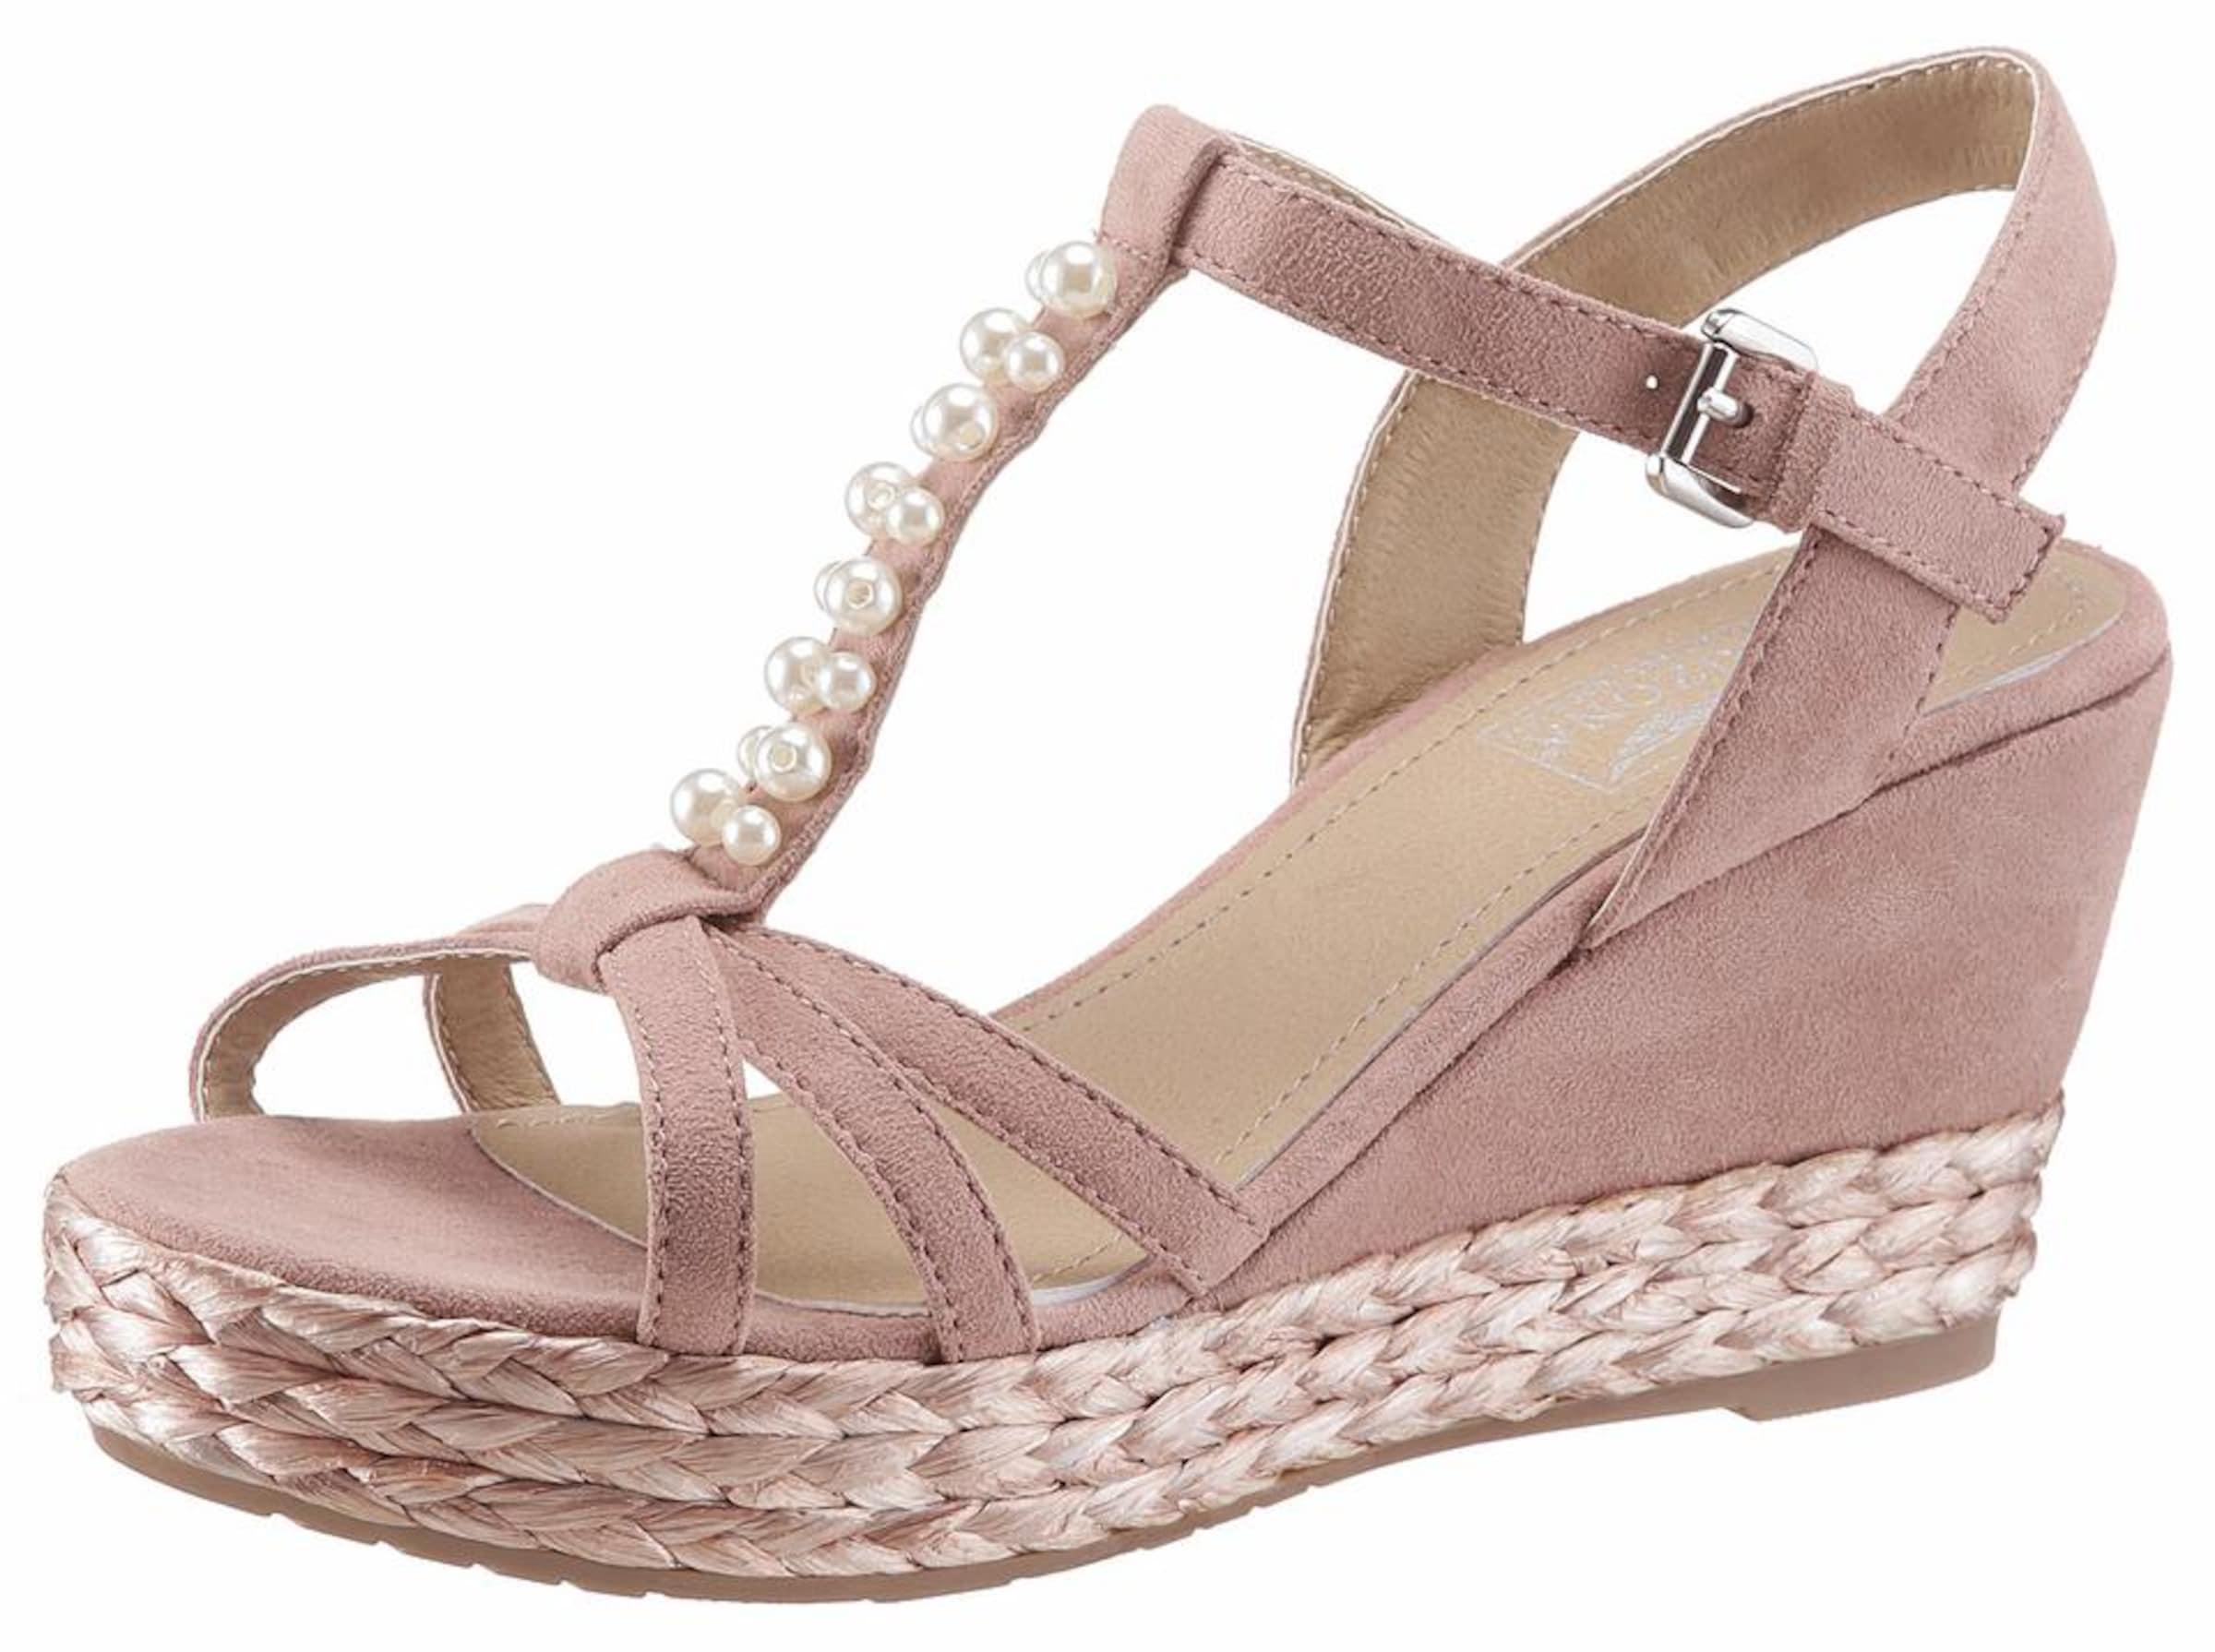 ARIZONA Sandalette Verschleißfeste billige Schuhe Hohe Qualität